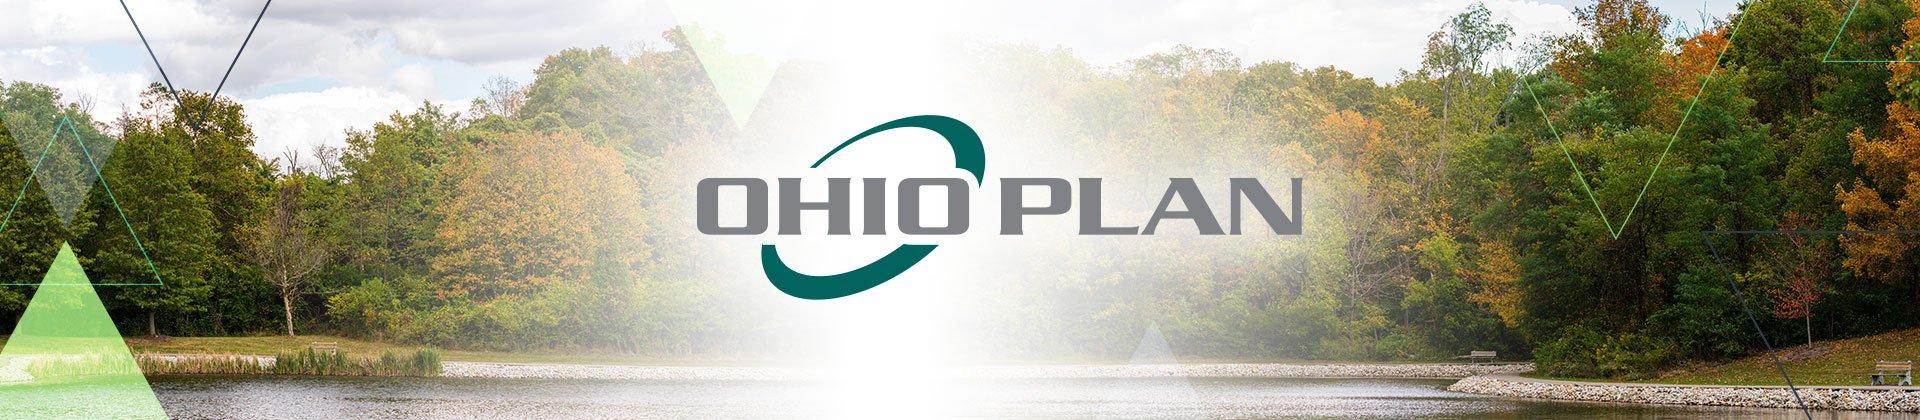 OhioPlan-slider21